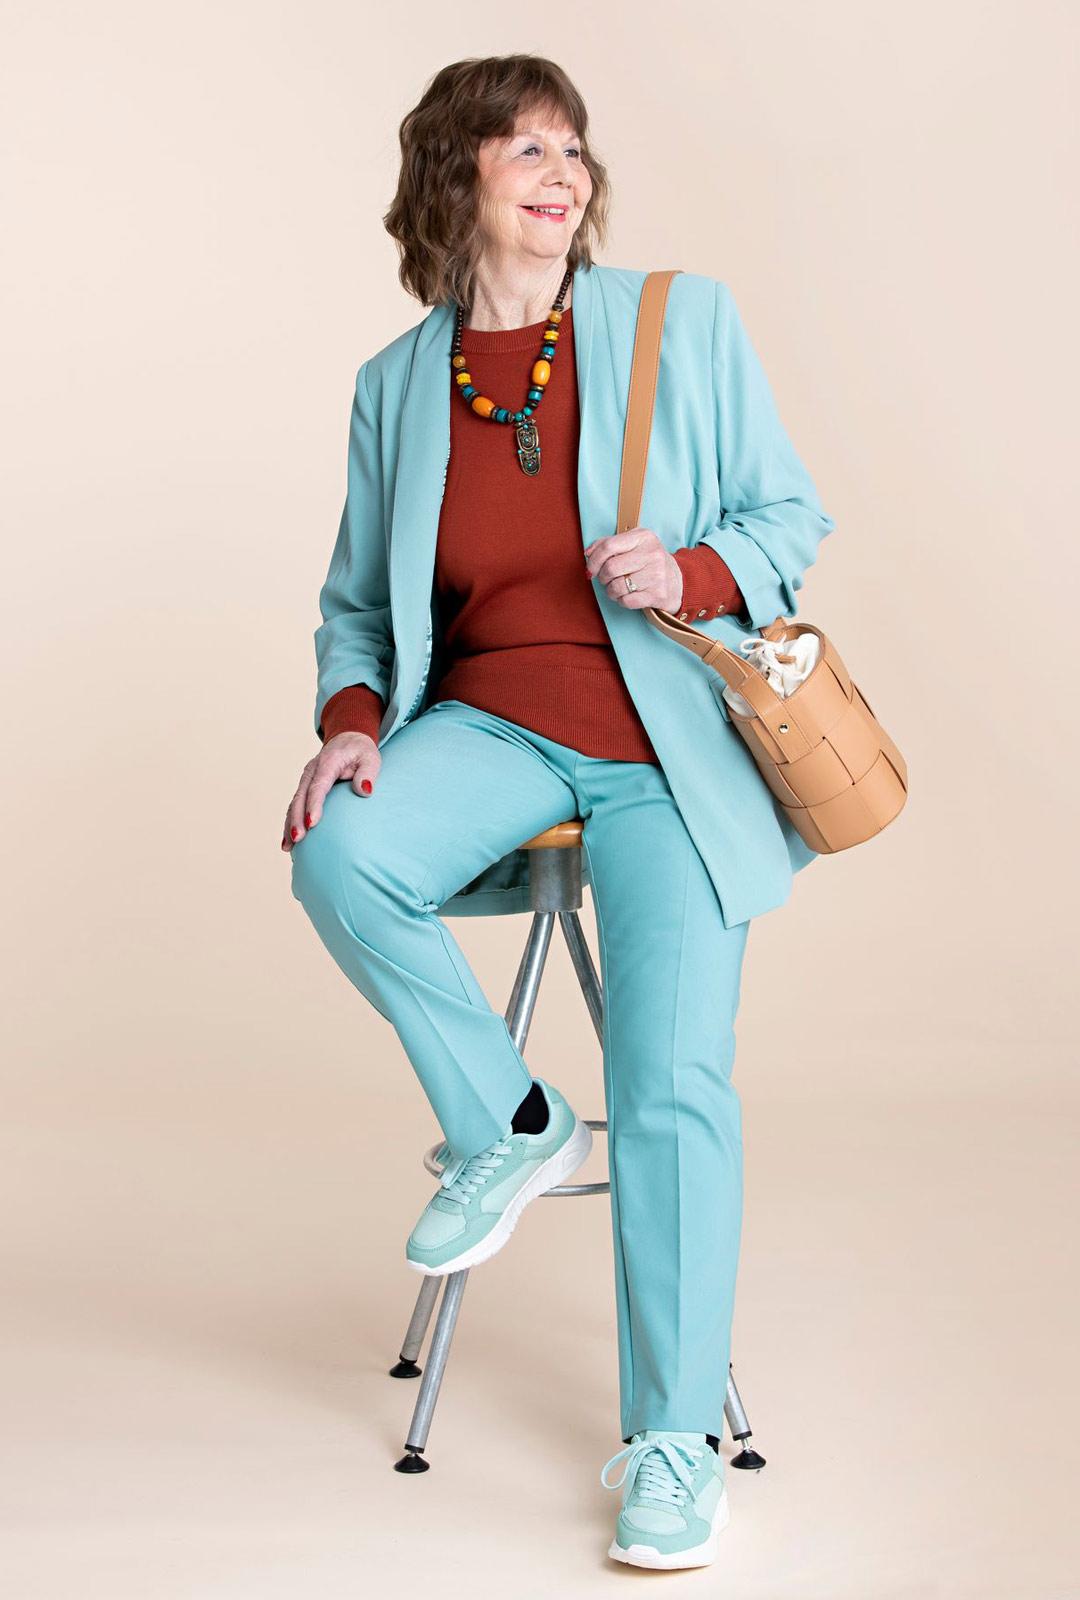 Kevään housupuvut ovat väreiltään heleitä ja mitoitukseltaan reiluja. Terrakotan ja mintun yhdistelmä tuo nuorekasta raikkautta Riitan kasvoille. Pitkään bleiseriin sopivat kapealahkeiset housut.